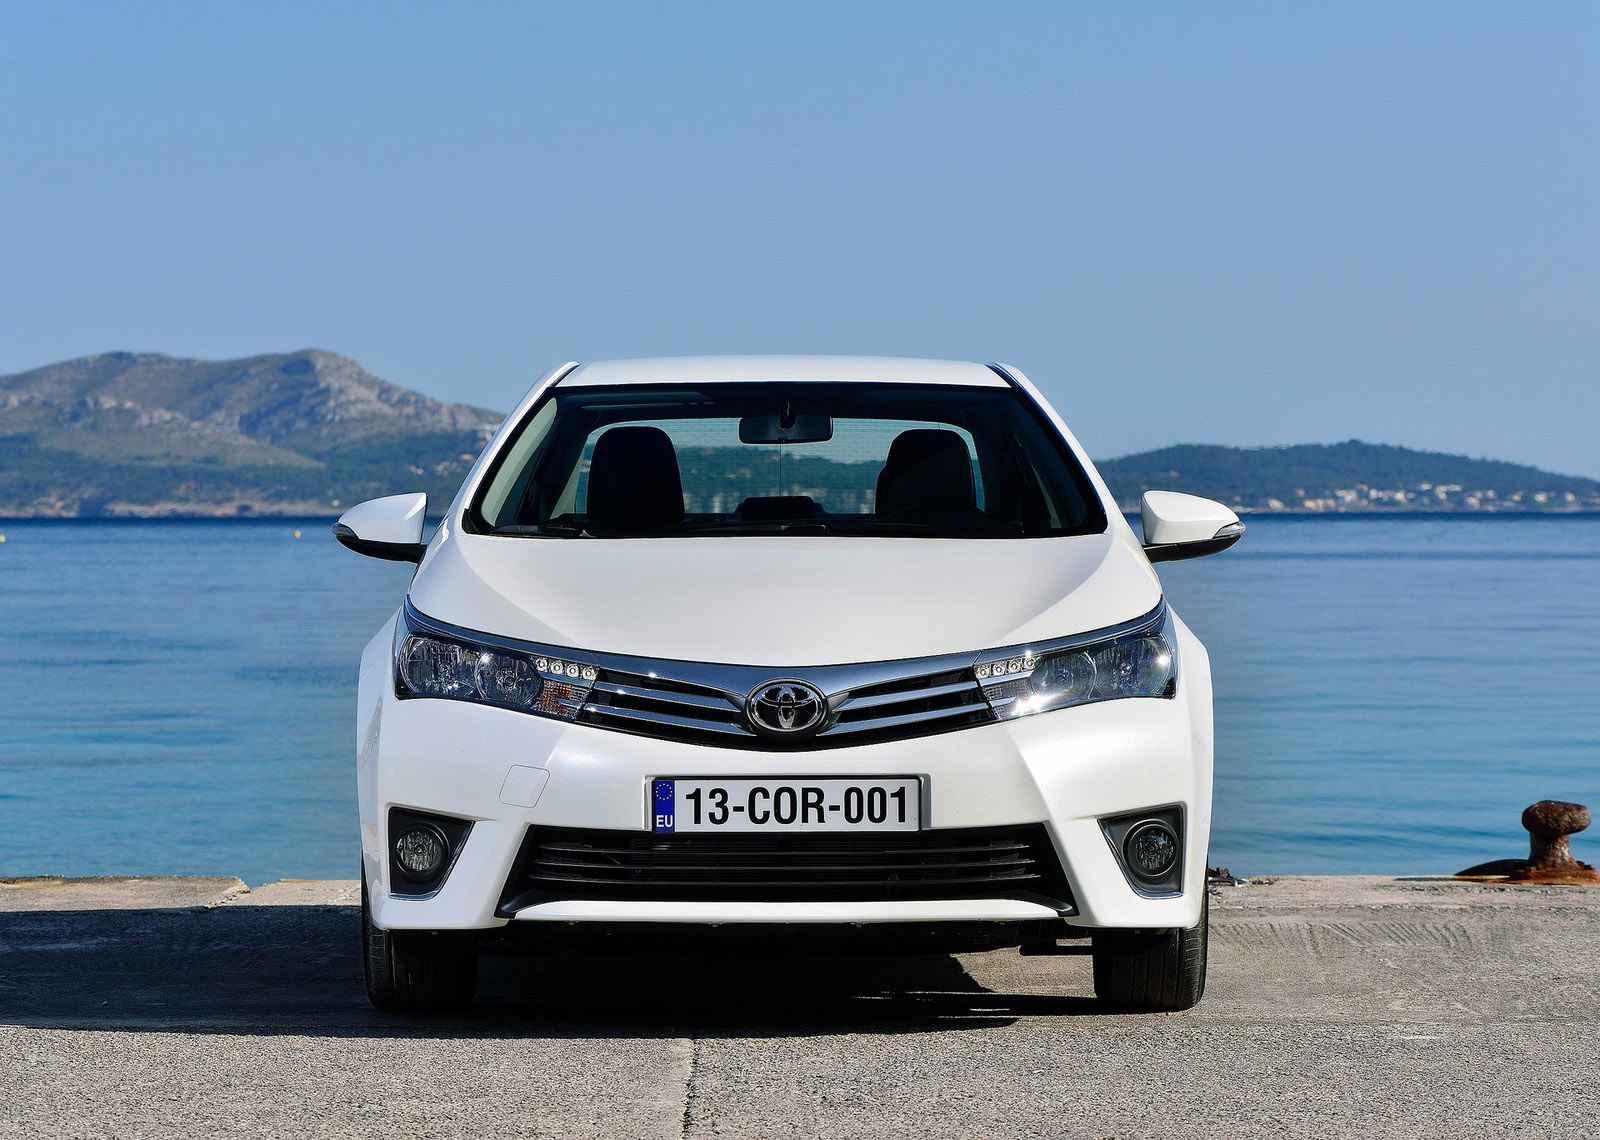 C Segmenti Toyota Corolla - Uygun Taşıt